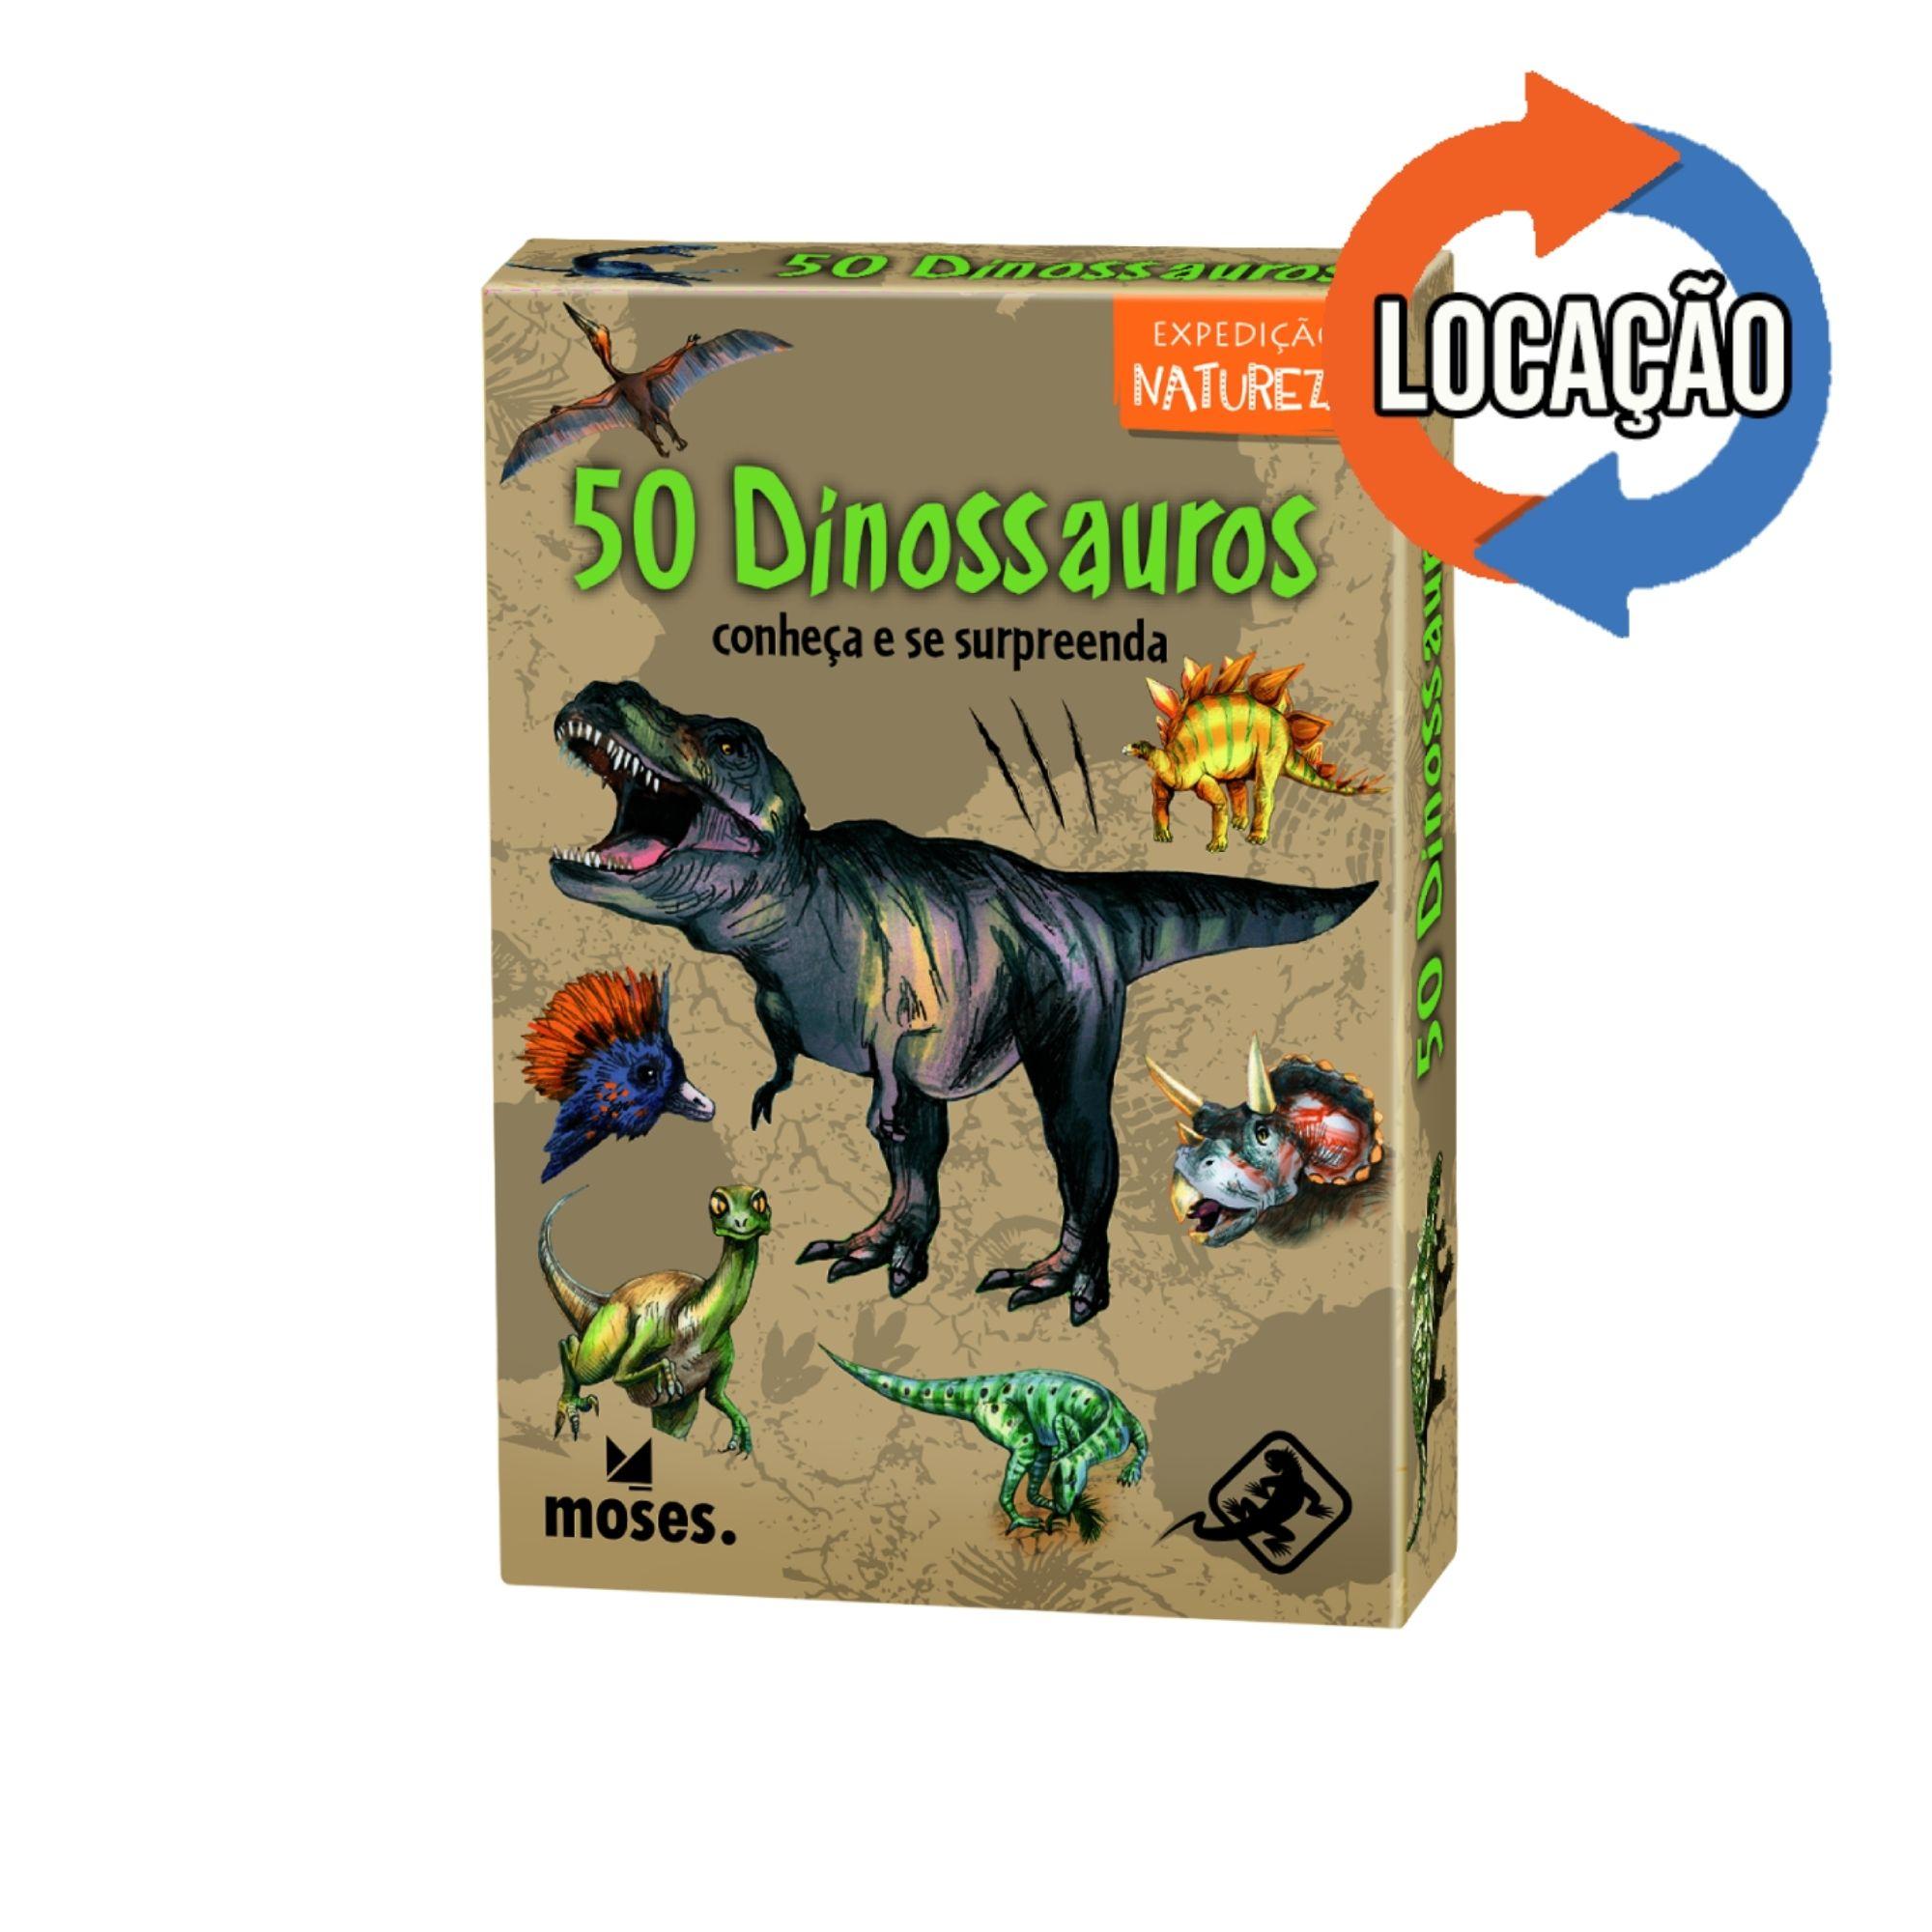 50 Dinossauros - Conheça e se Surpreenda Expedição Natureza (Locação)